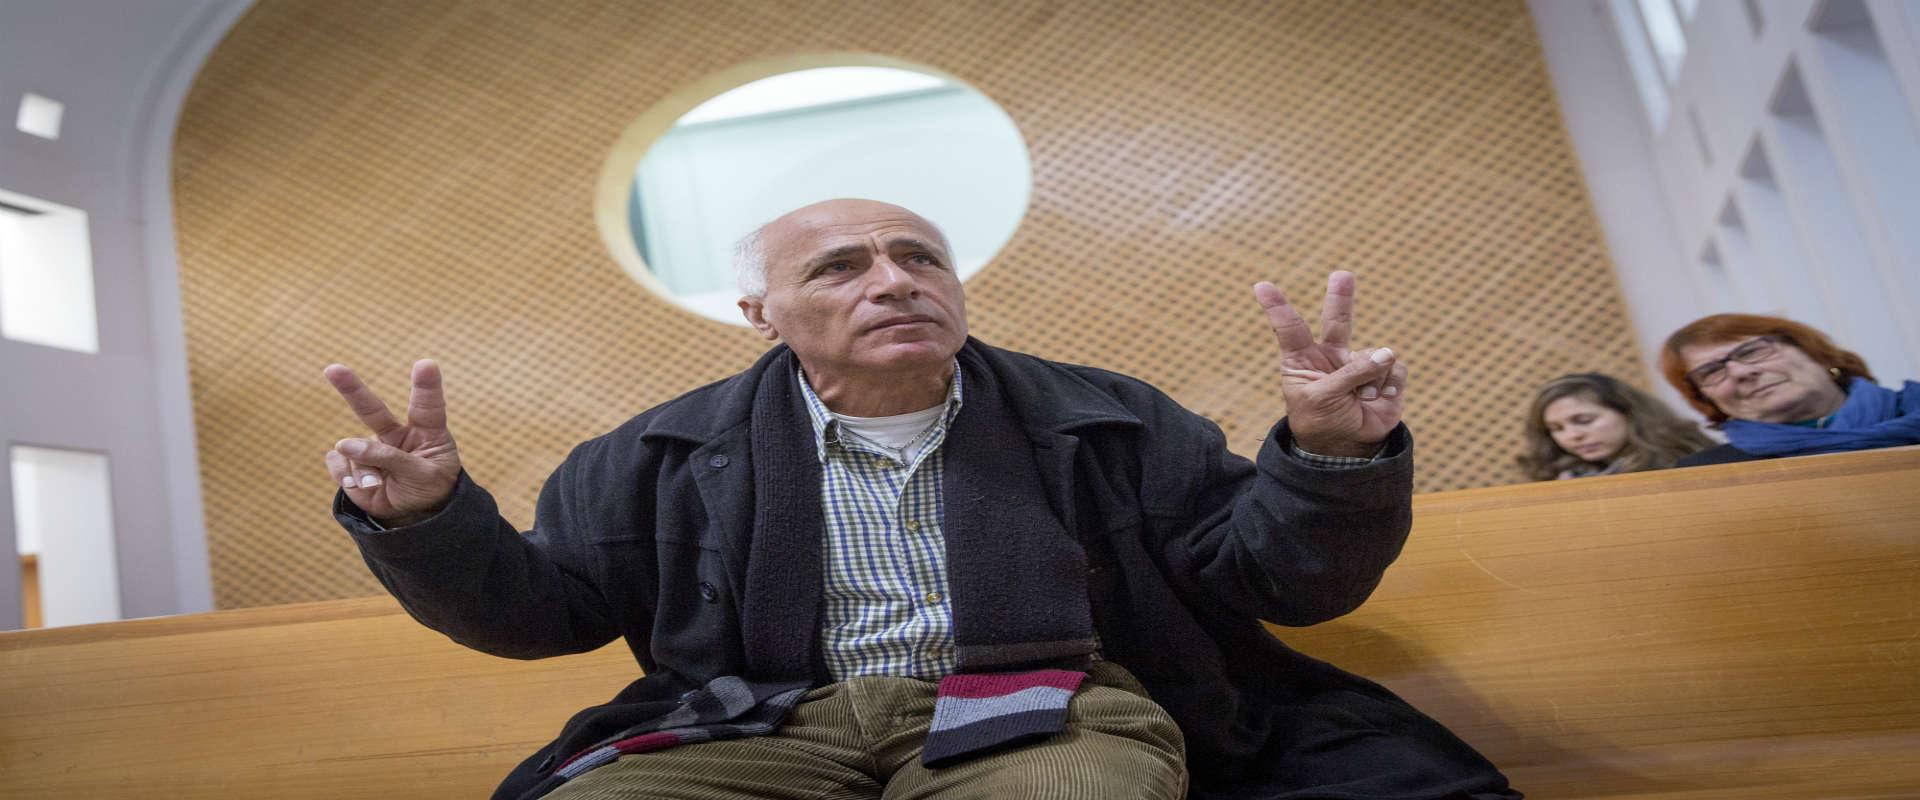 מרדכי ואנונו בבית משפט השלום בירושלים בהקראת הכרעת